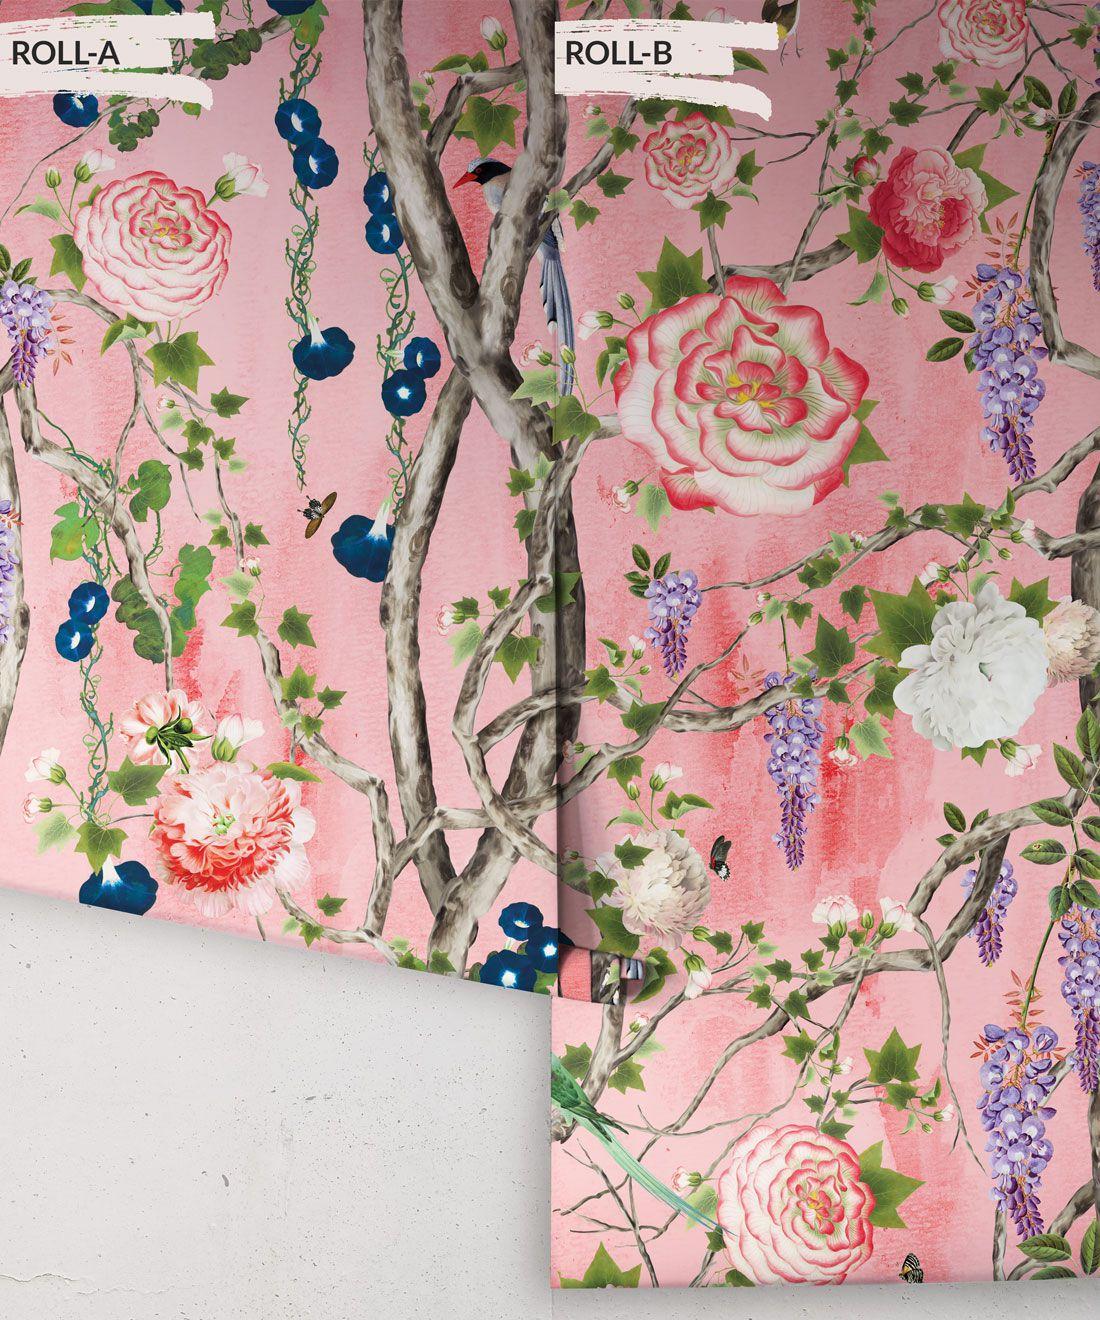 Empress Wallpaper • Romantic Wallpaper • Floral Wallpaper • Chinoiserie Wallpaper • Coral colour wallpaper rolls